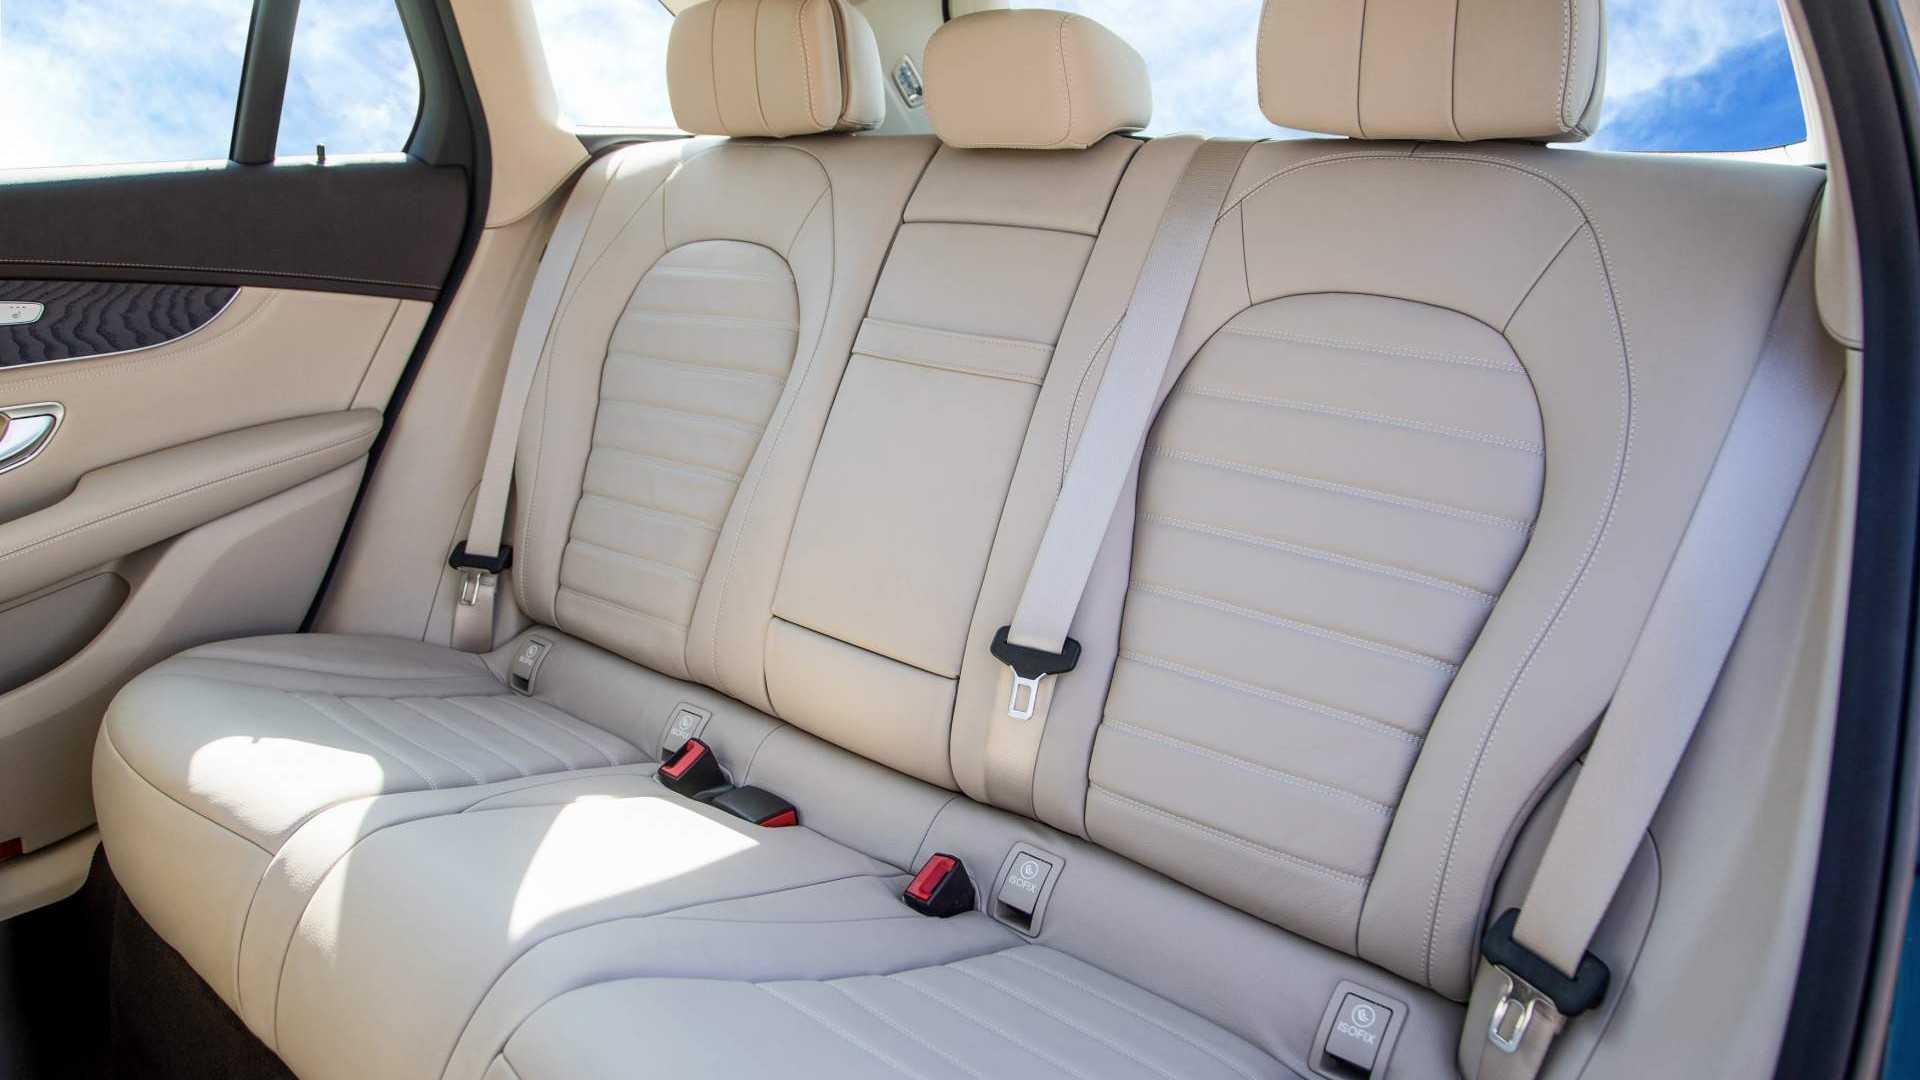 Khám phá Mercedes-Benz GLC L – Chiếc SUV dành riêng cho người Trung Quốc - ảnh 7